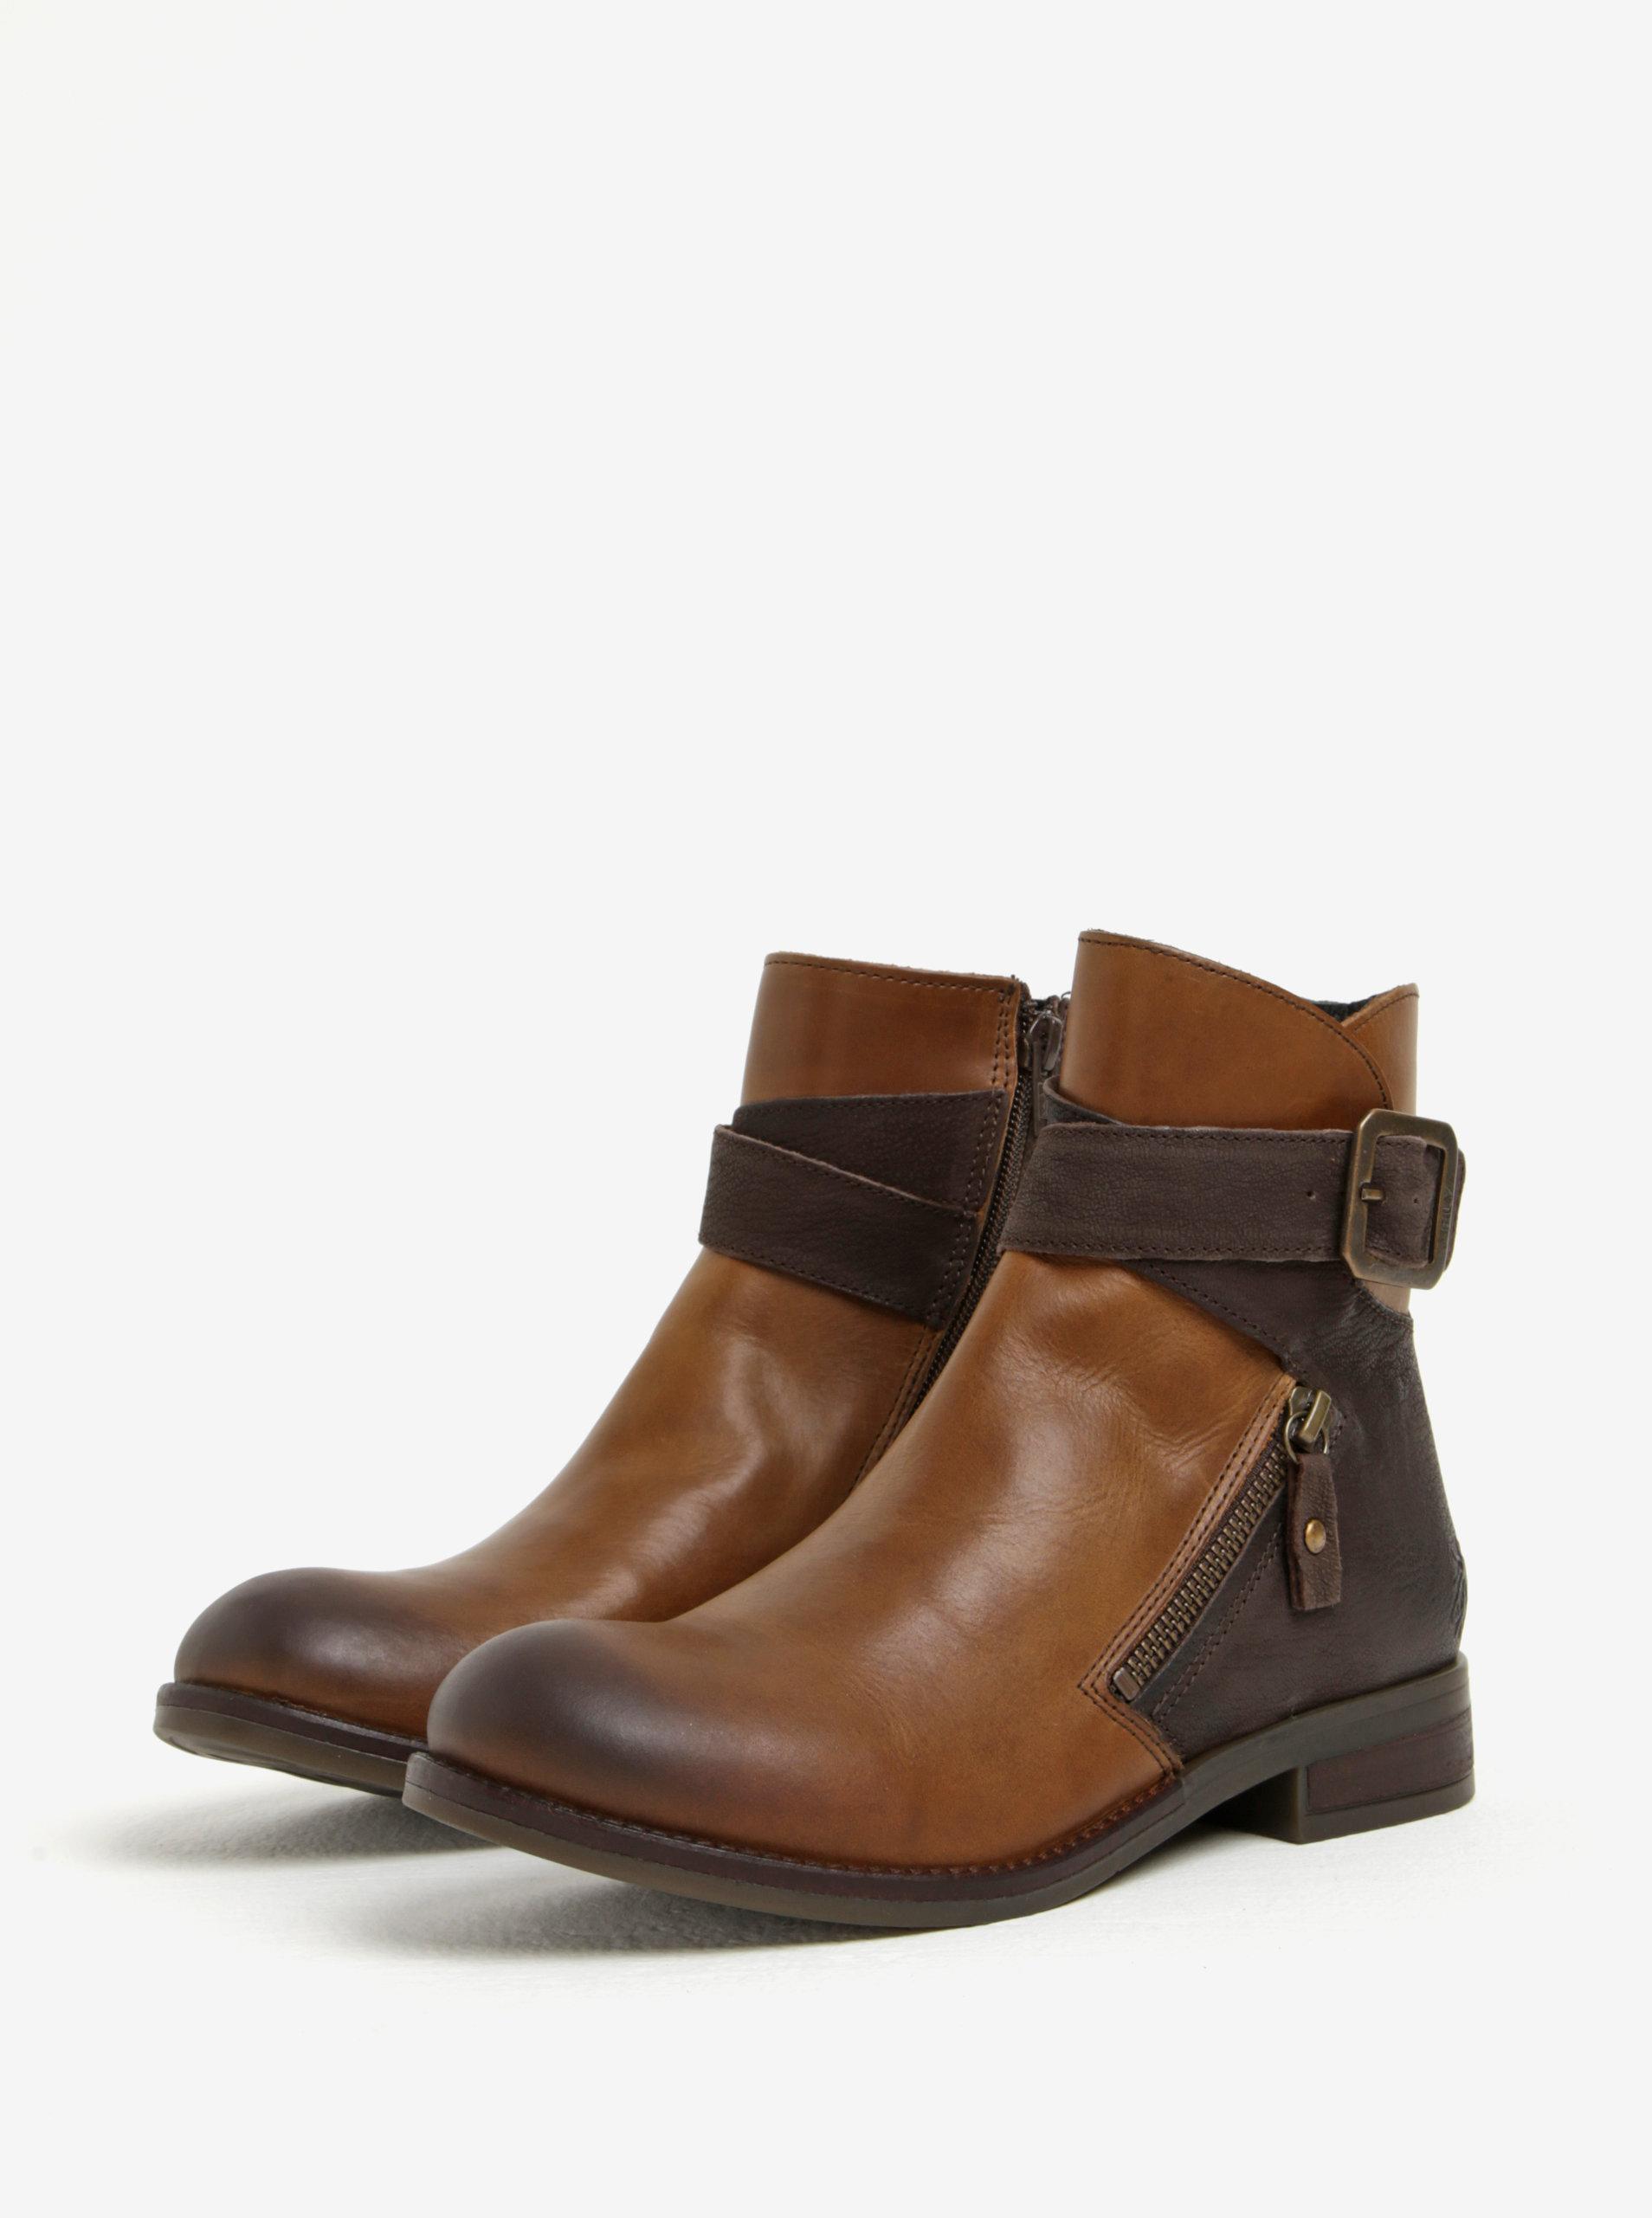 Hnědé dámské kožené kotníkové boty s přezkou Fly London ... 785ea5bb97